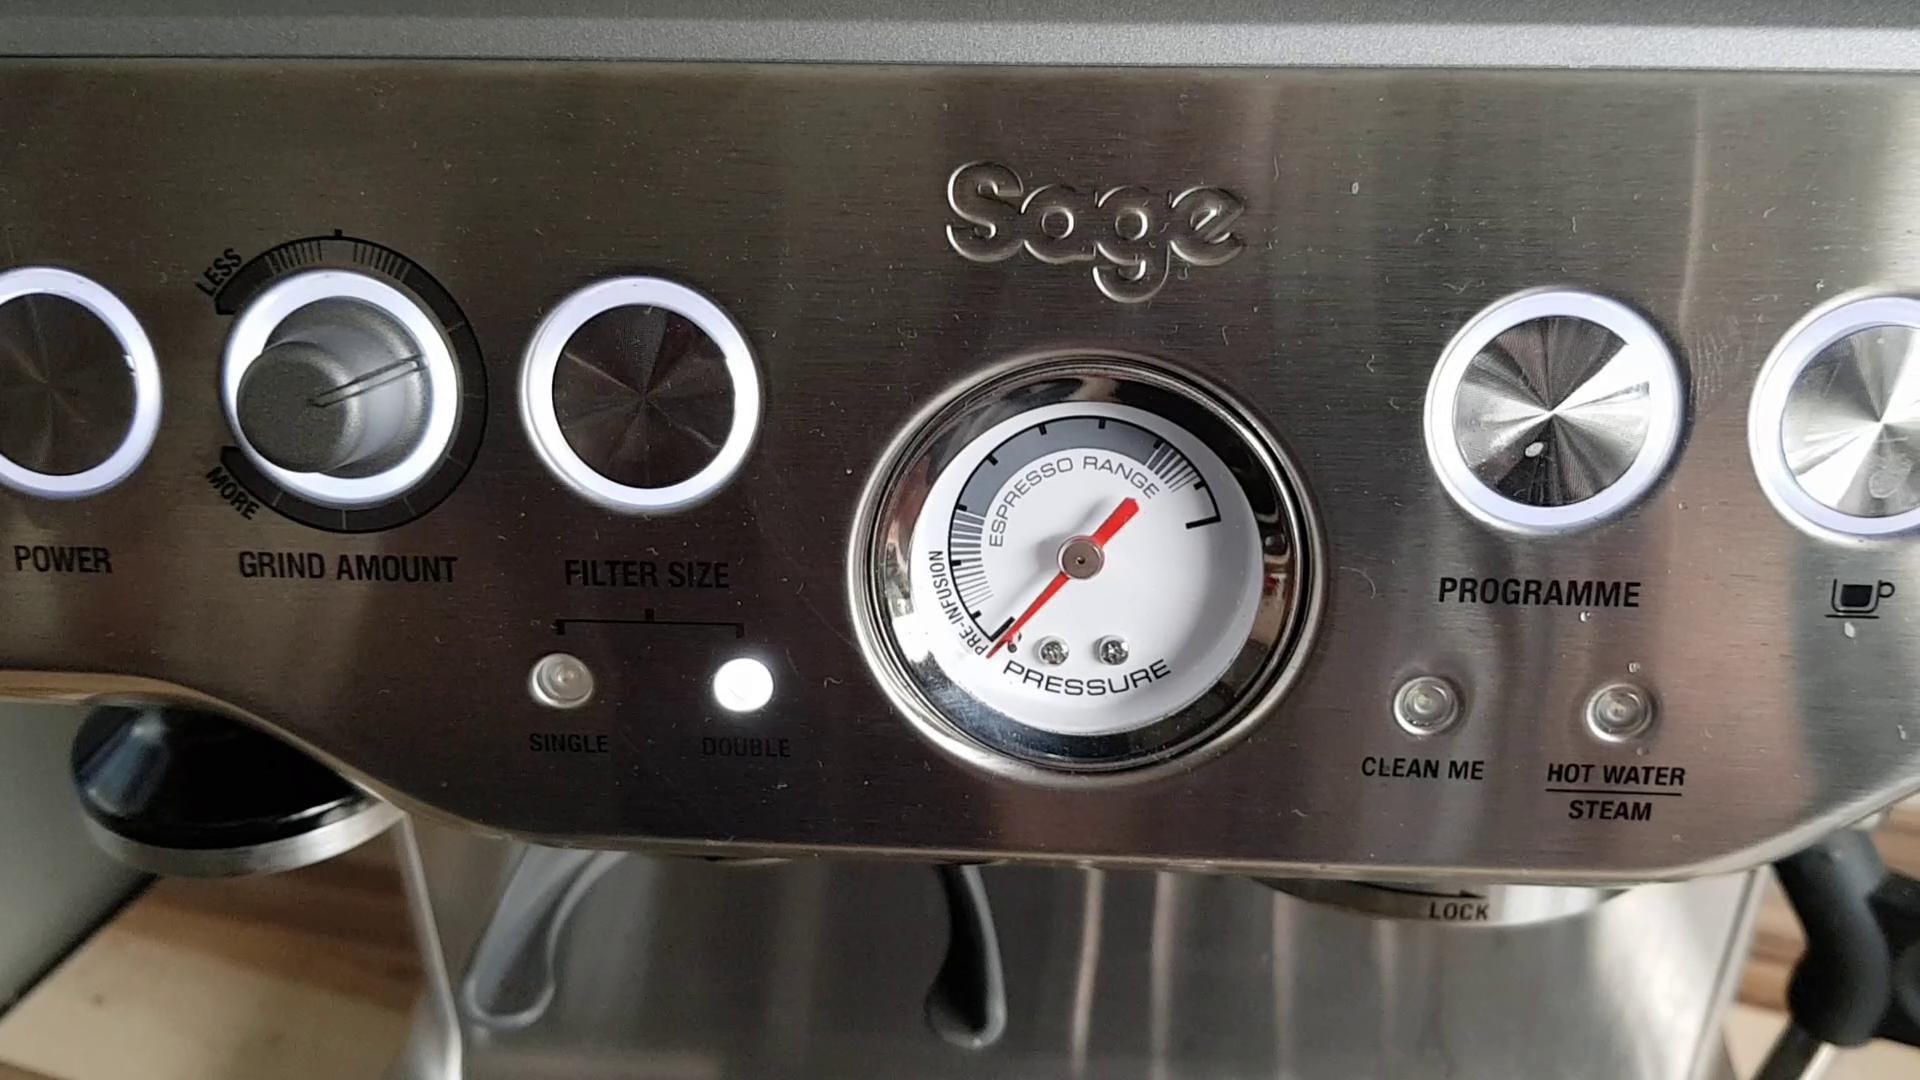 sage barista express pressure gauge